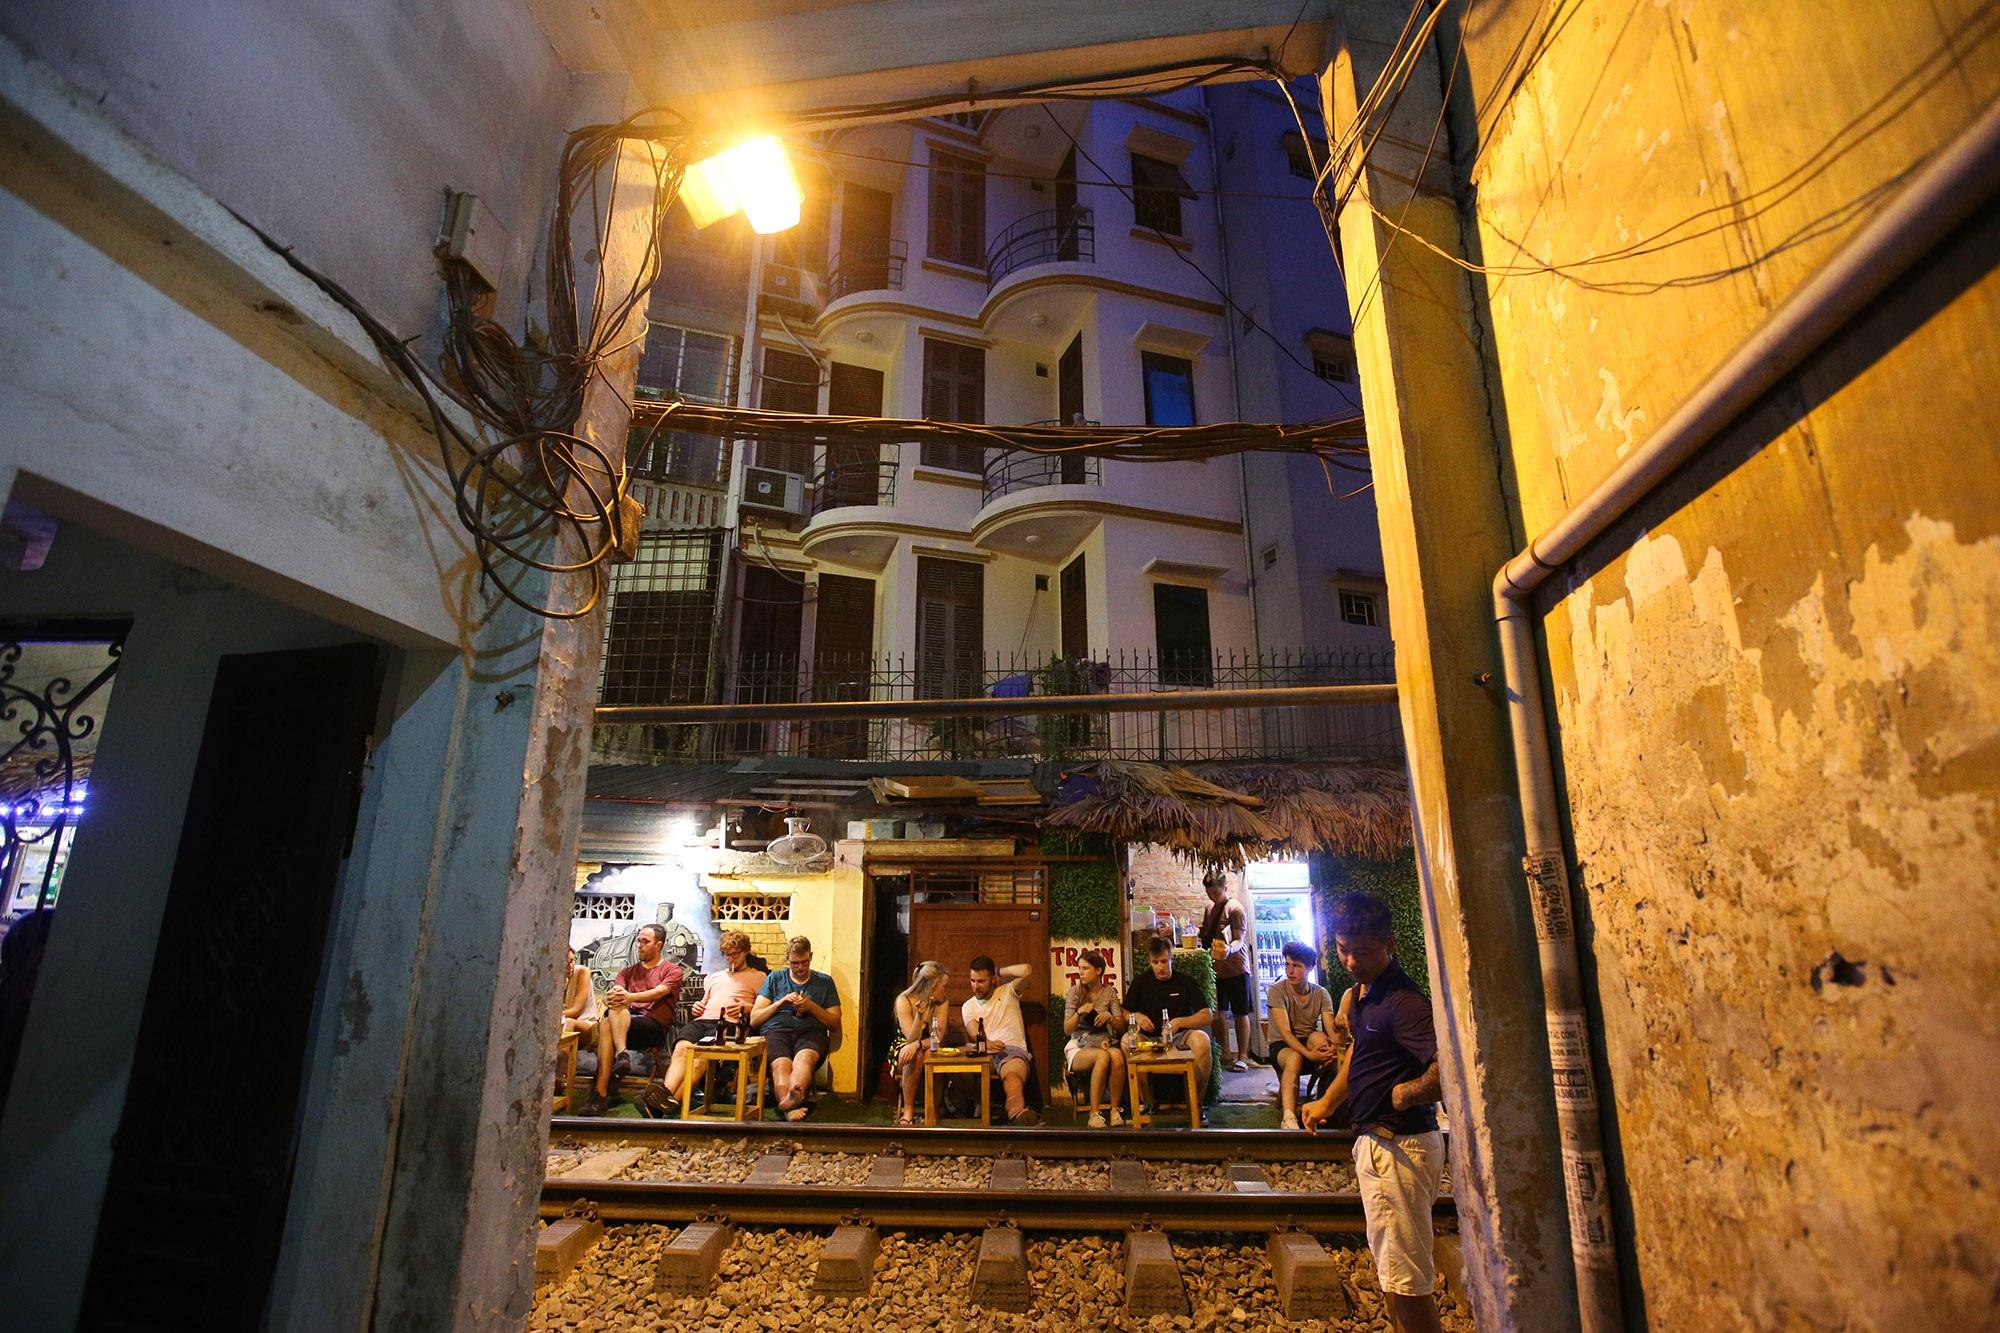 Xóm đường tàu lên đời thành điểm du lịch hấp dẫn ở Hà Nội - 15